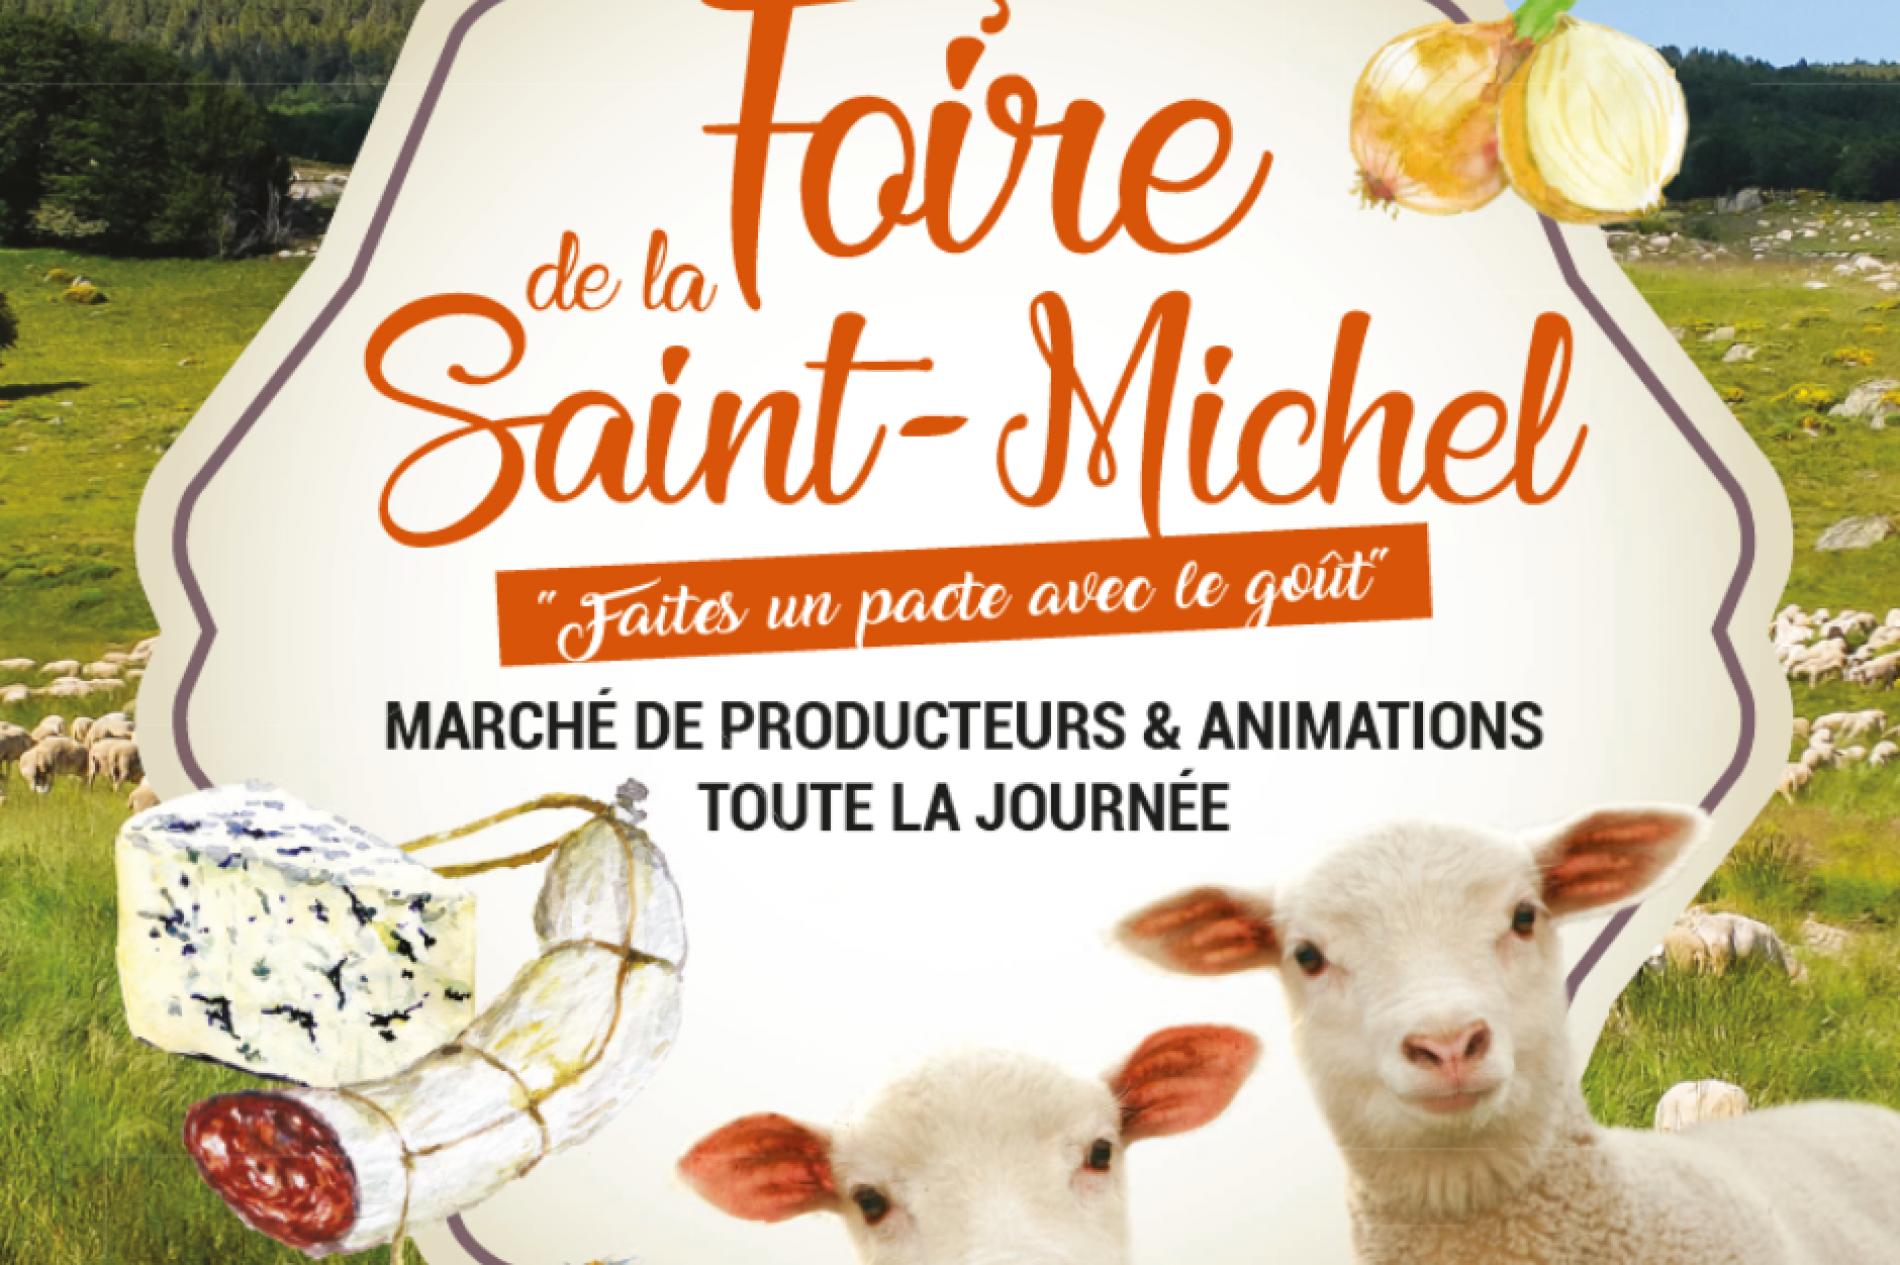 Foire de la Saint Michel 2019